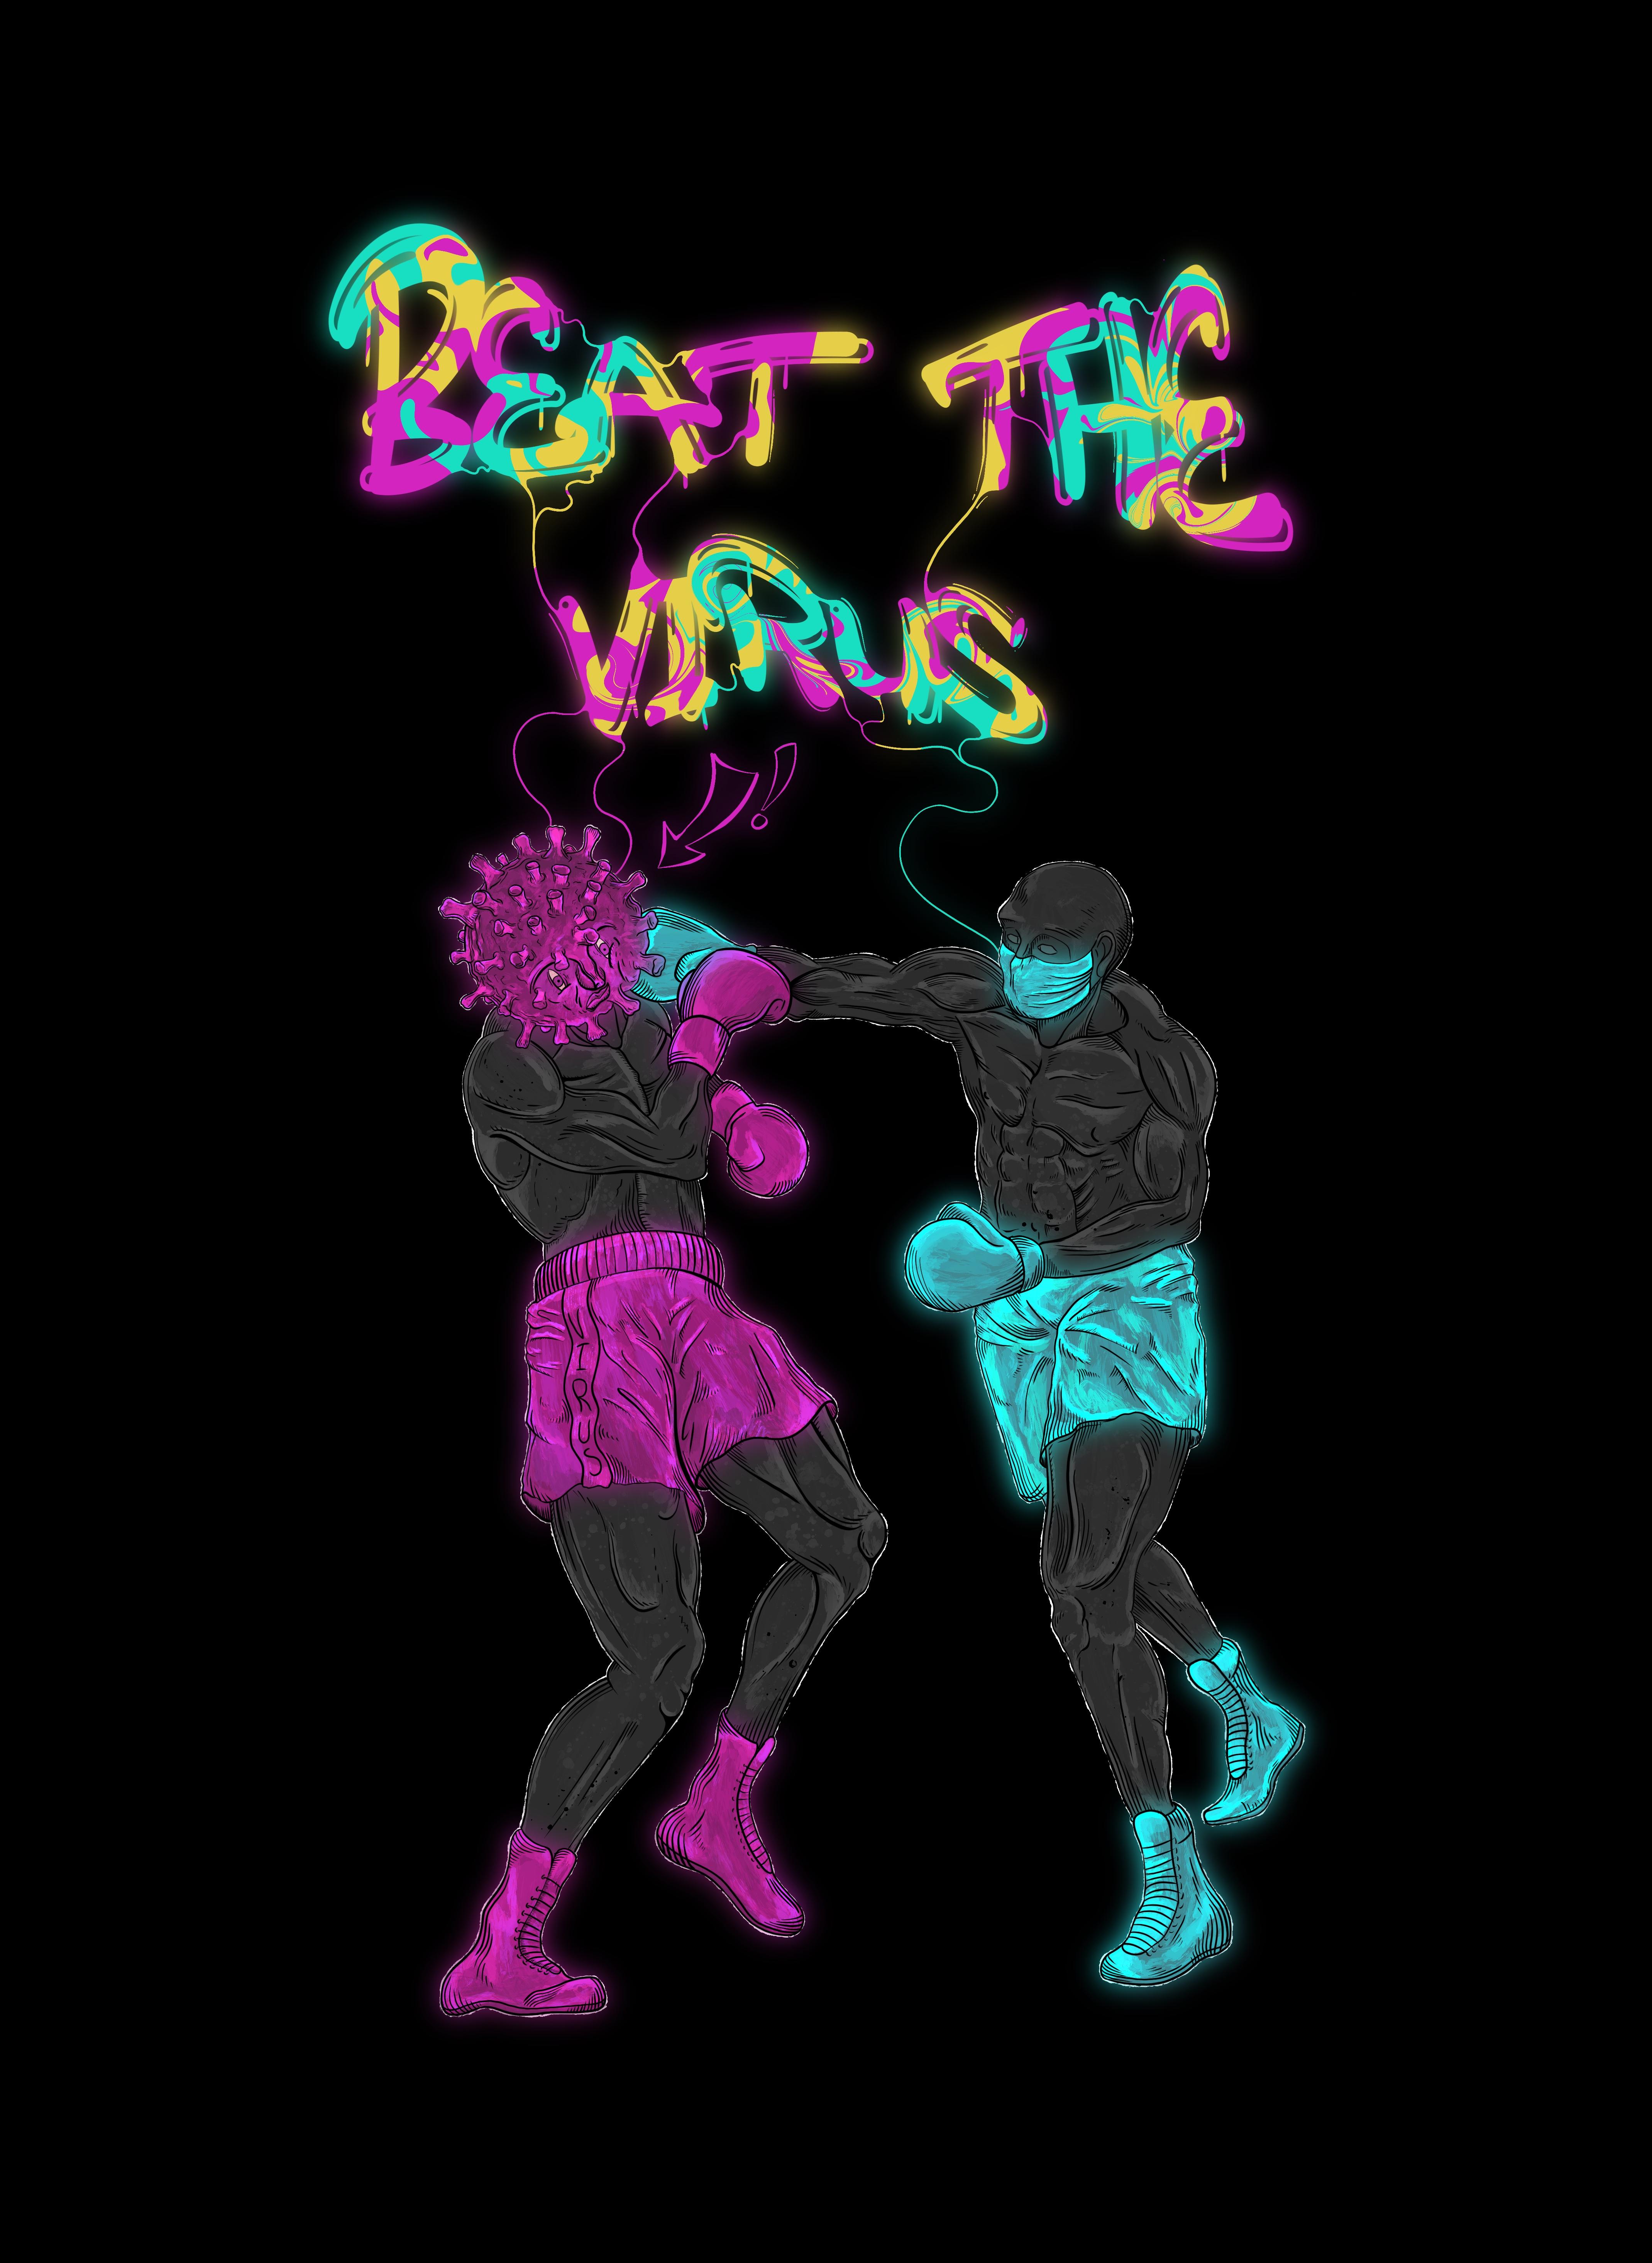 (принт) Бей вирус!